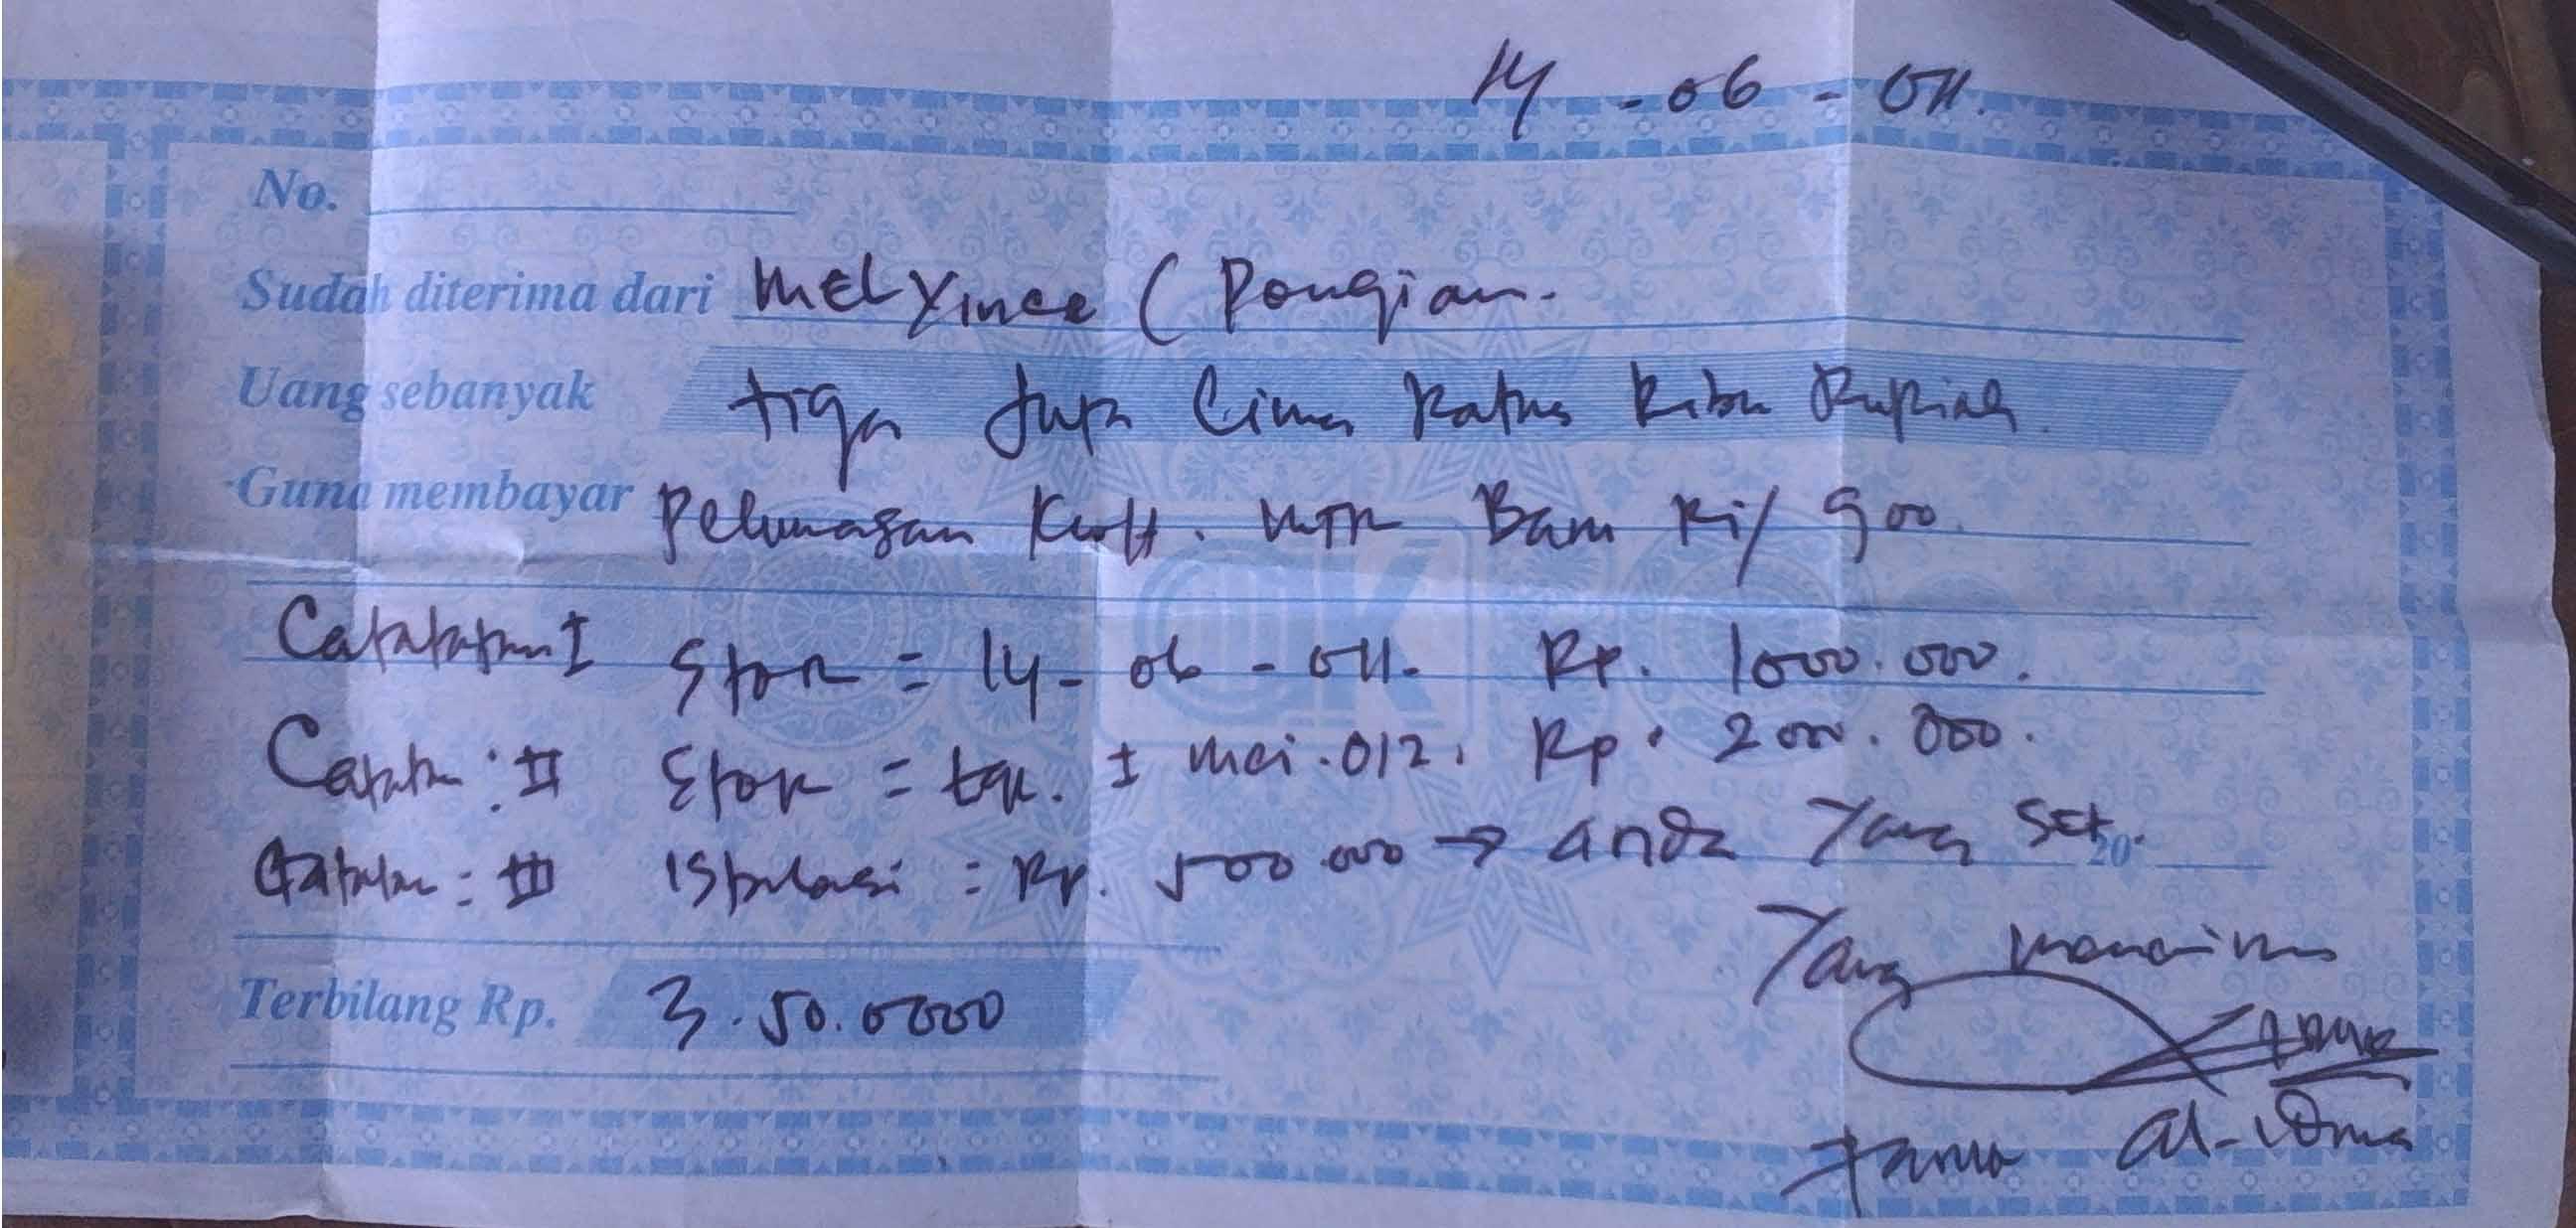 Photo Bukti Kwitansi Pembayaran Pasang Baru 3 Juta Rupiah